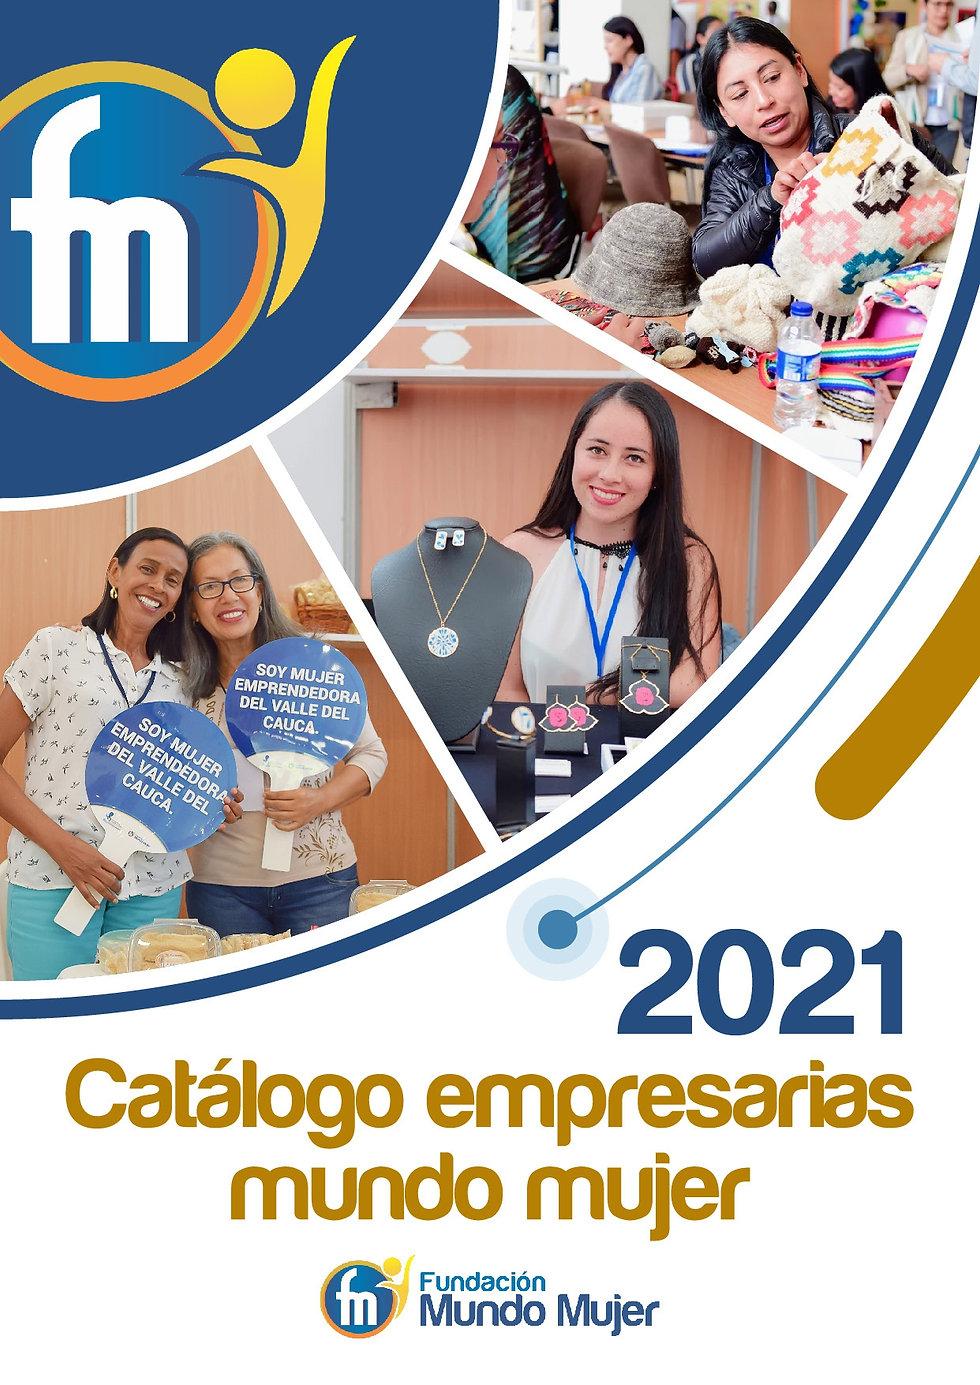 CATÁLOGO EMPRESARIAS MUNDO MUJER 2021_pa